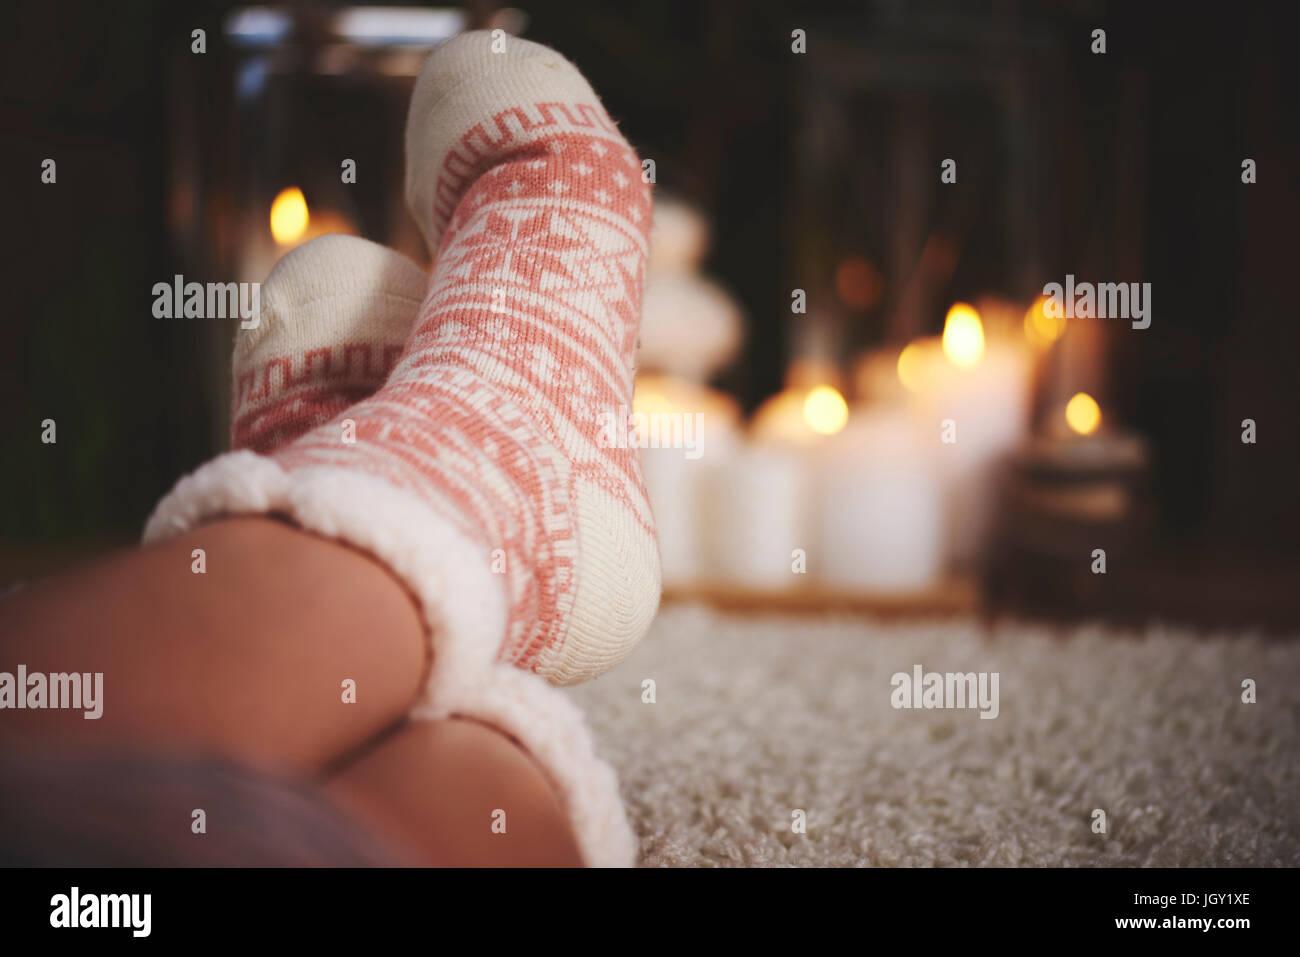 Pieds de femme portant des chaussettes de fête Photo Stock